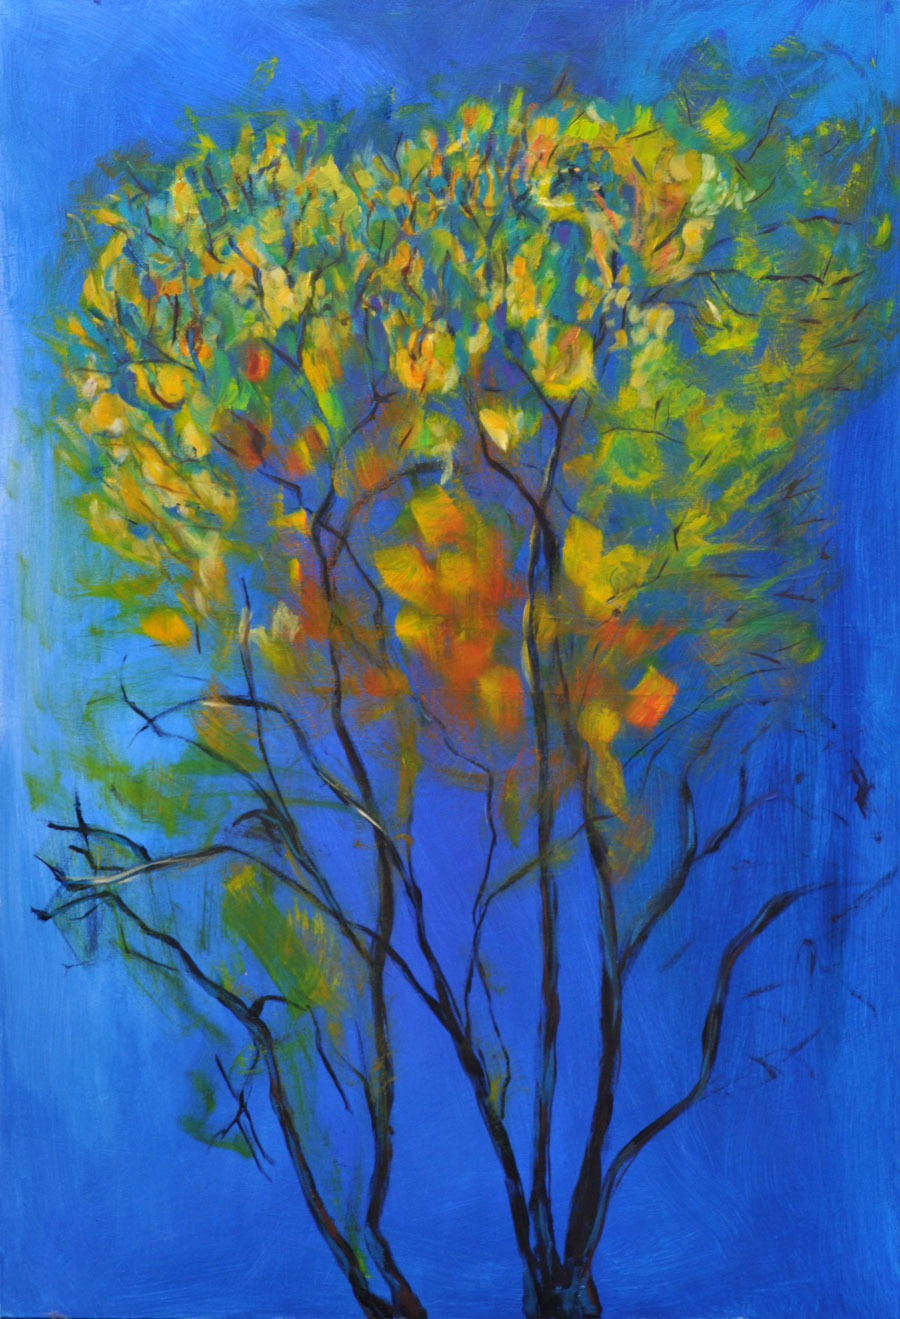 Feu Acrylique sur toile 90cm x 130cm (Disponible)